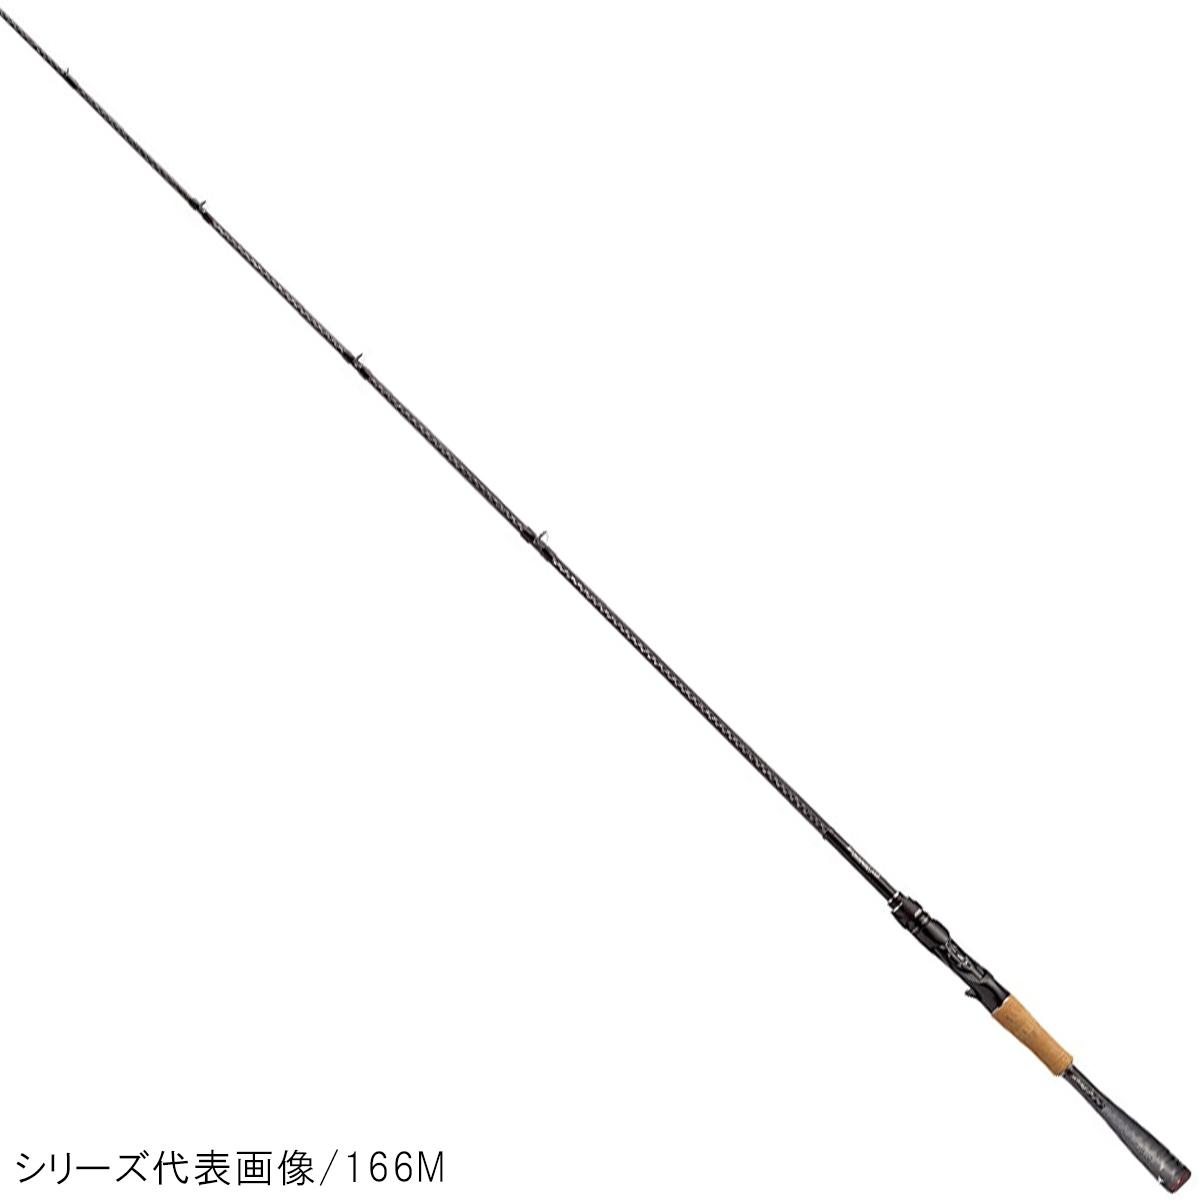 シマノ ポイズングロリアス 166MH【大型商品】(東日本店)